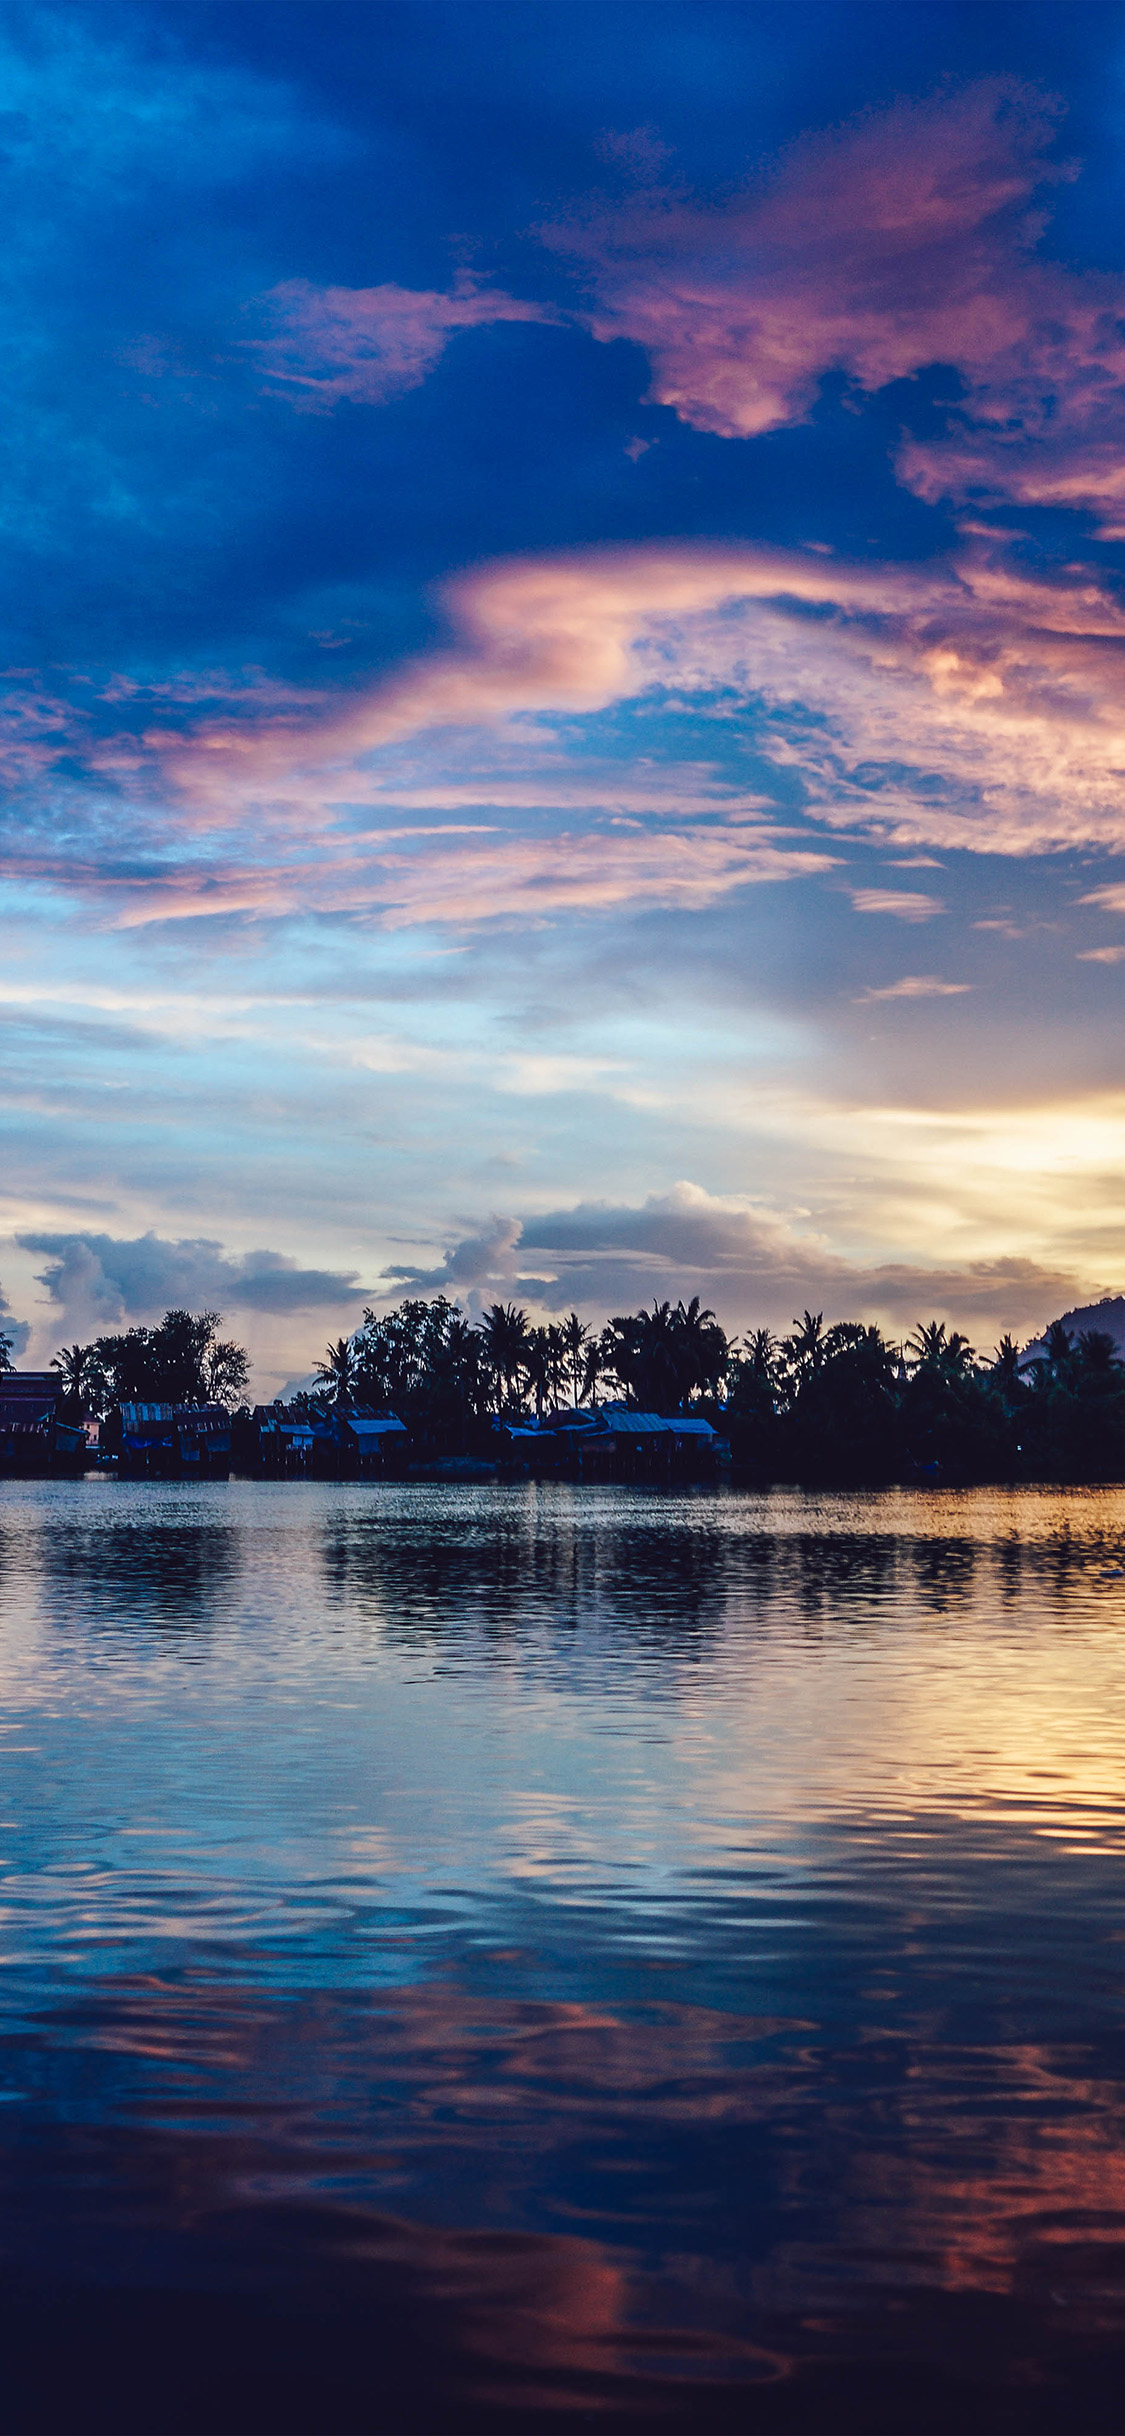 Nx17 sunset river lake beautiful nature wallpaper - Beautiful nature wallpapers for iphone ...